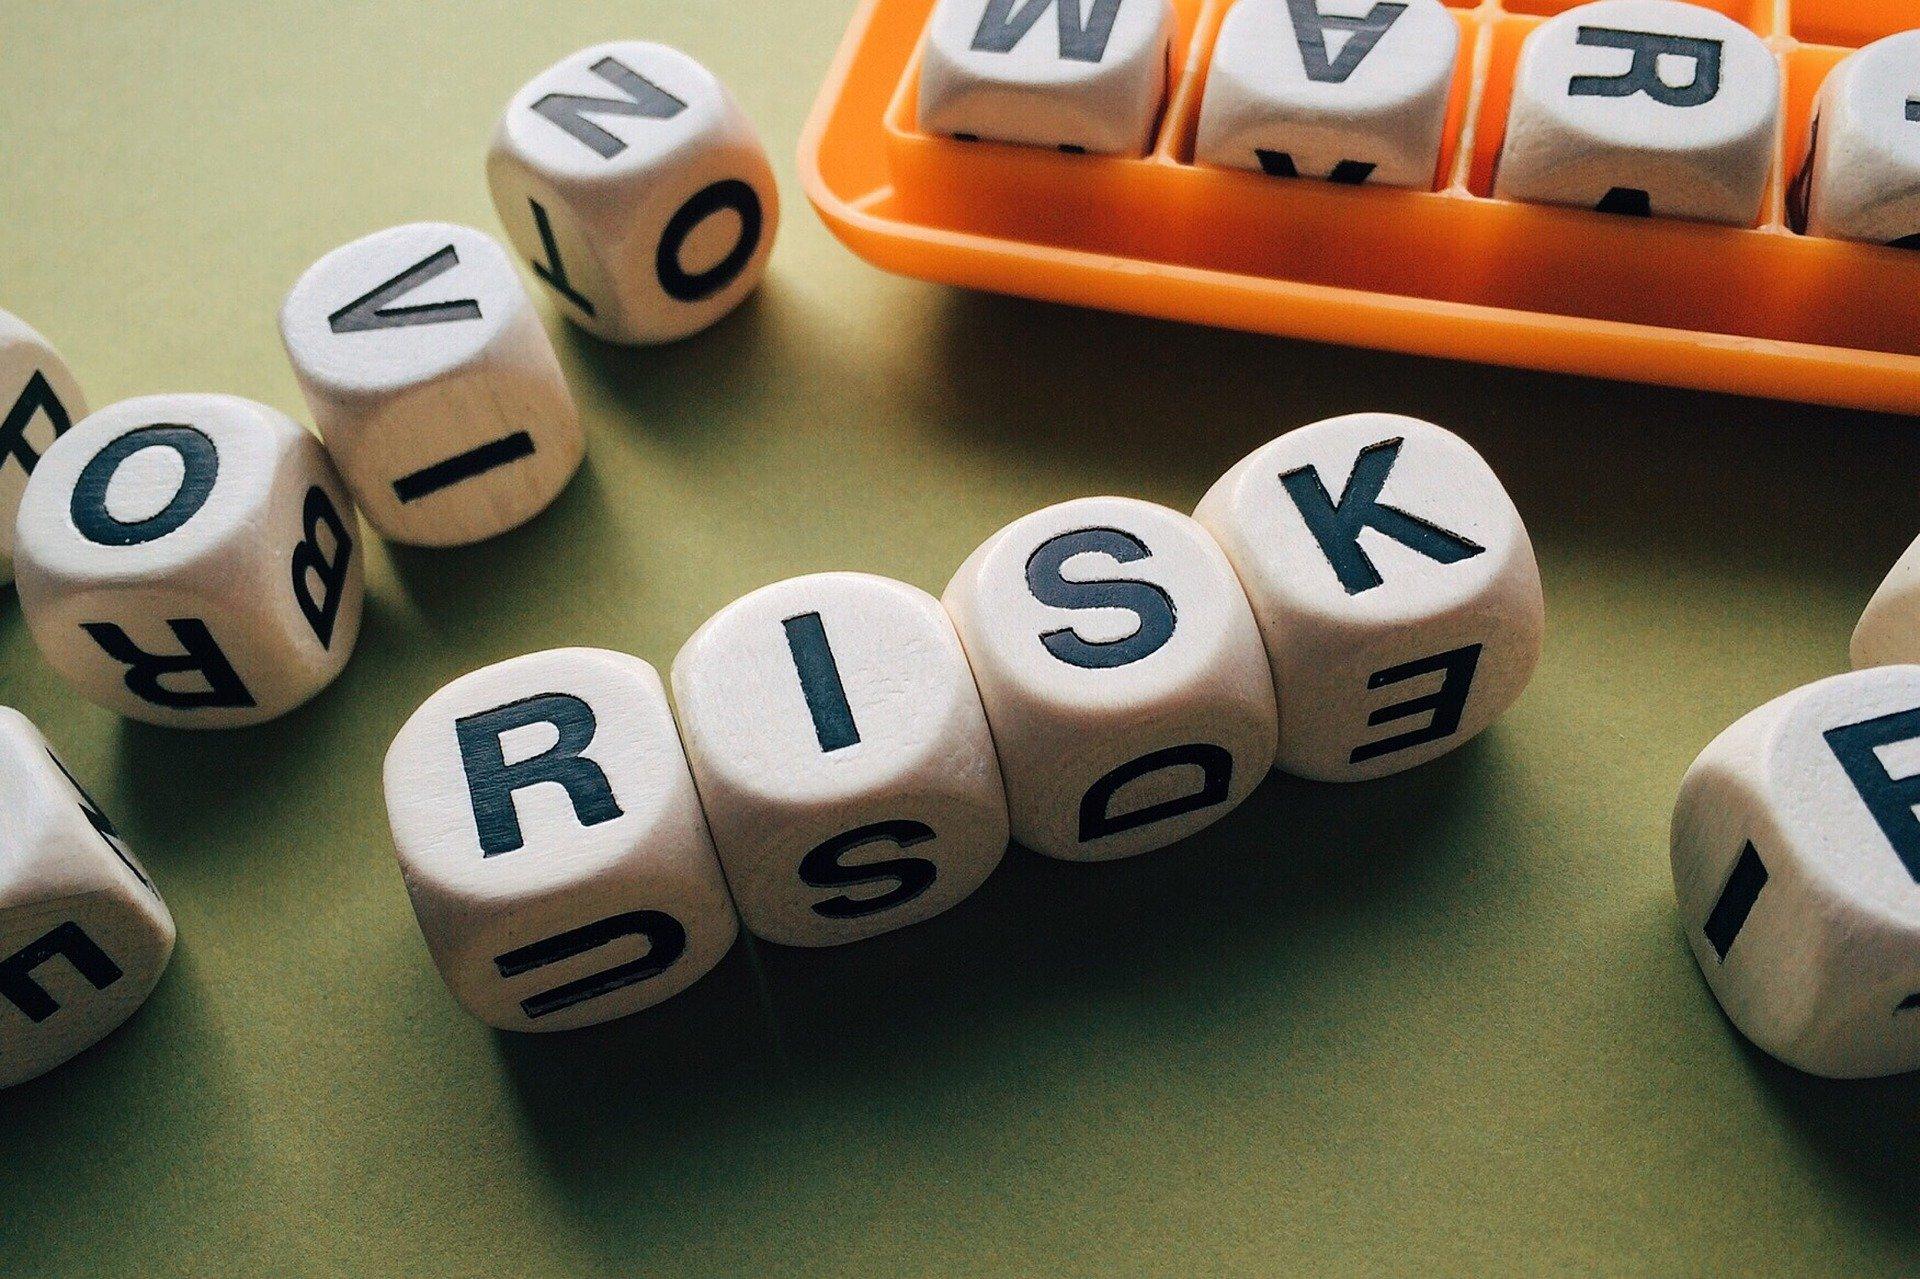 Bedrijfsaansprakelijkheidsrisico's: hoe kan je die het beste beperken?